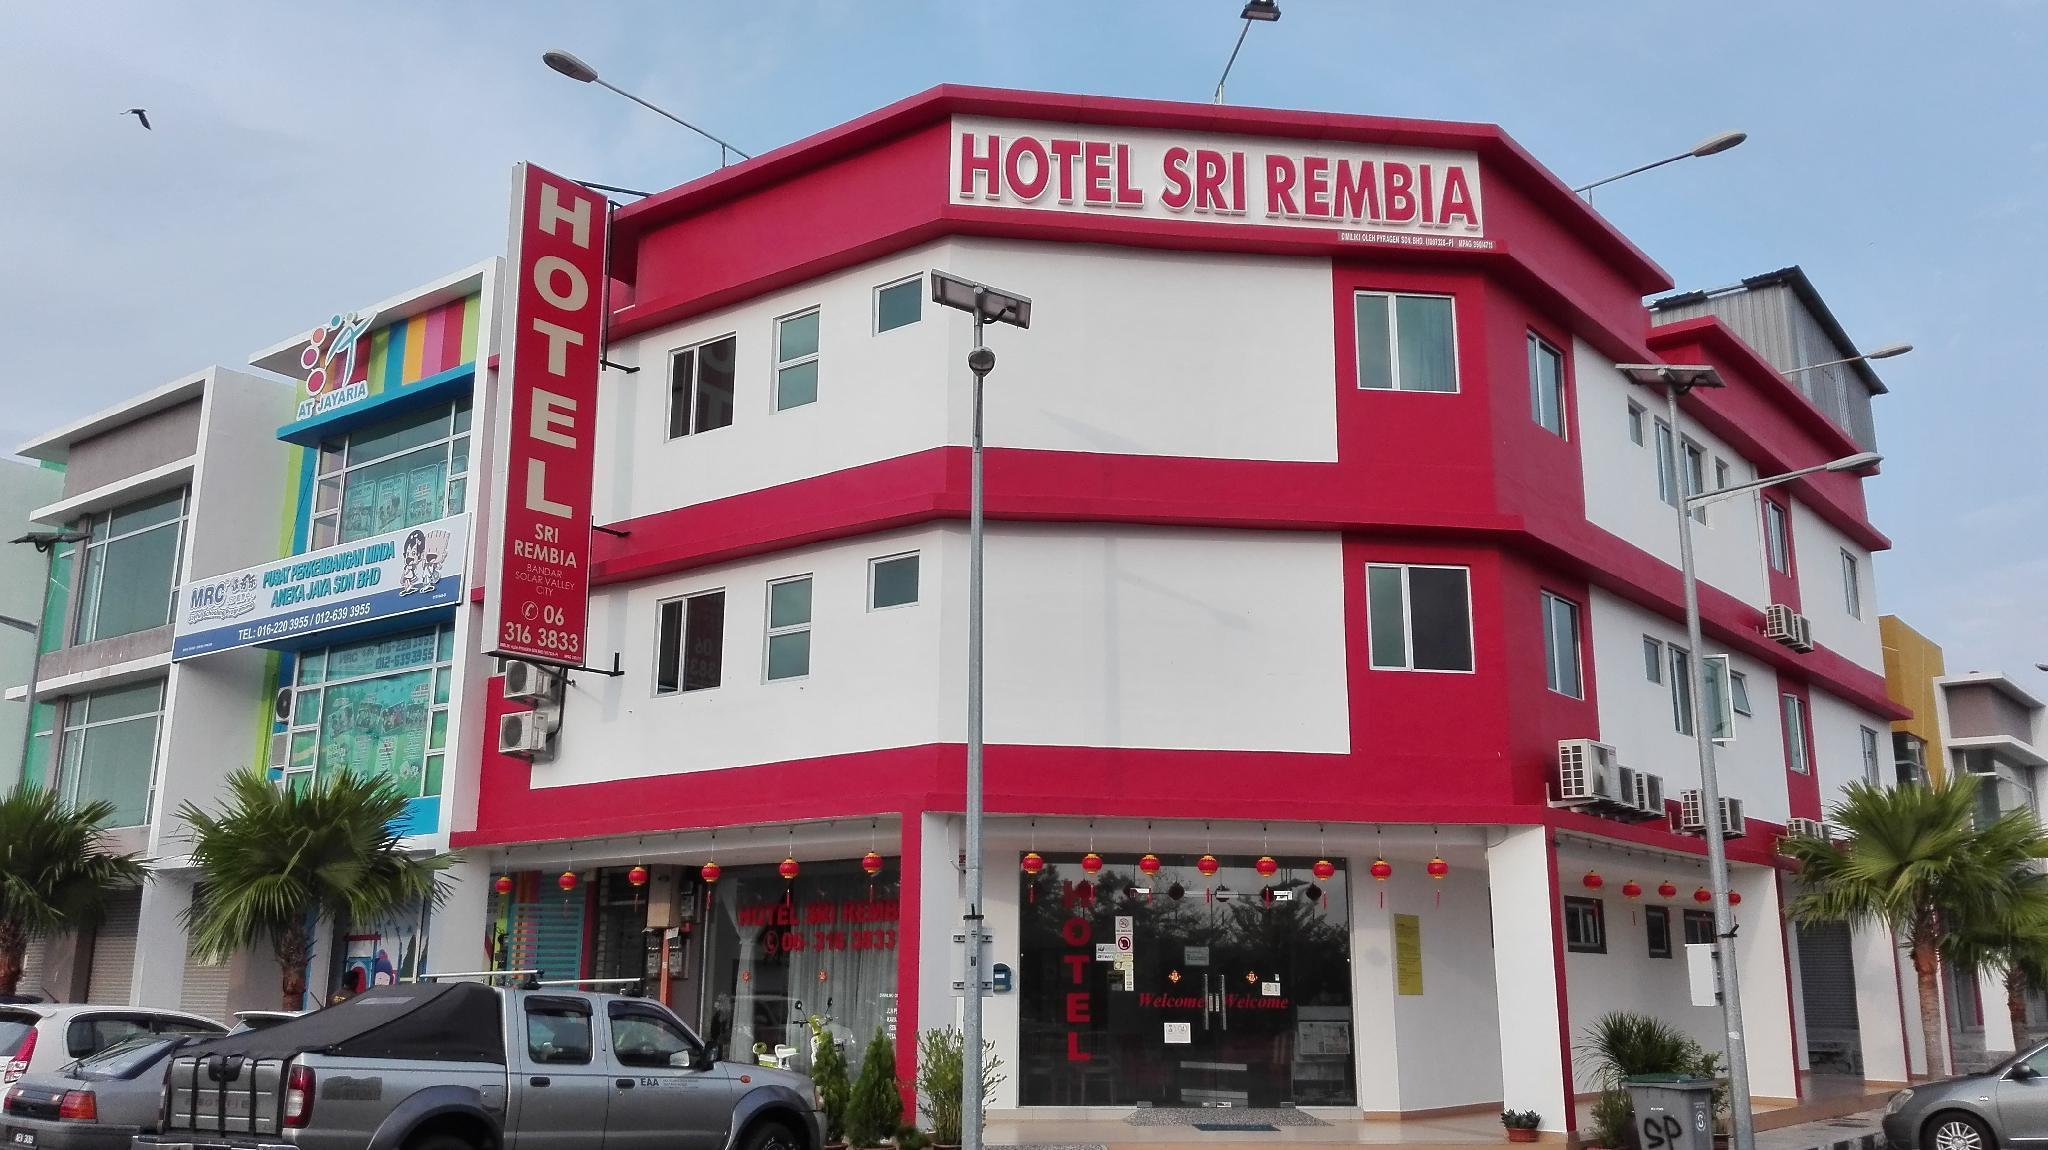 Hotel Sri Rembia